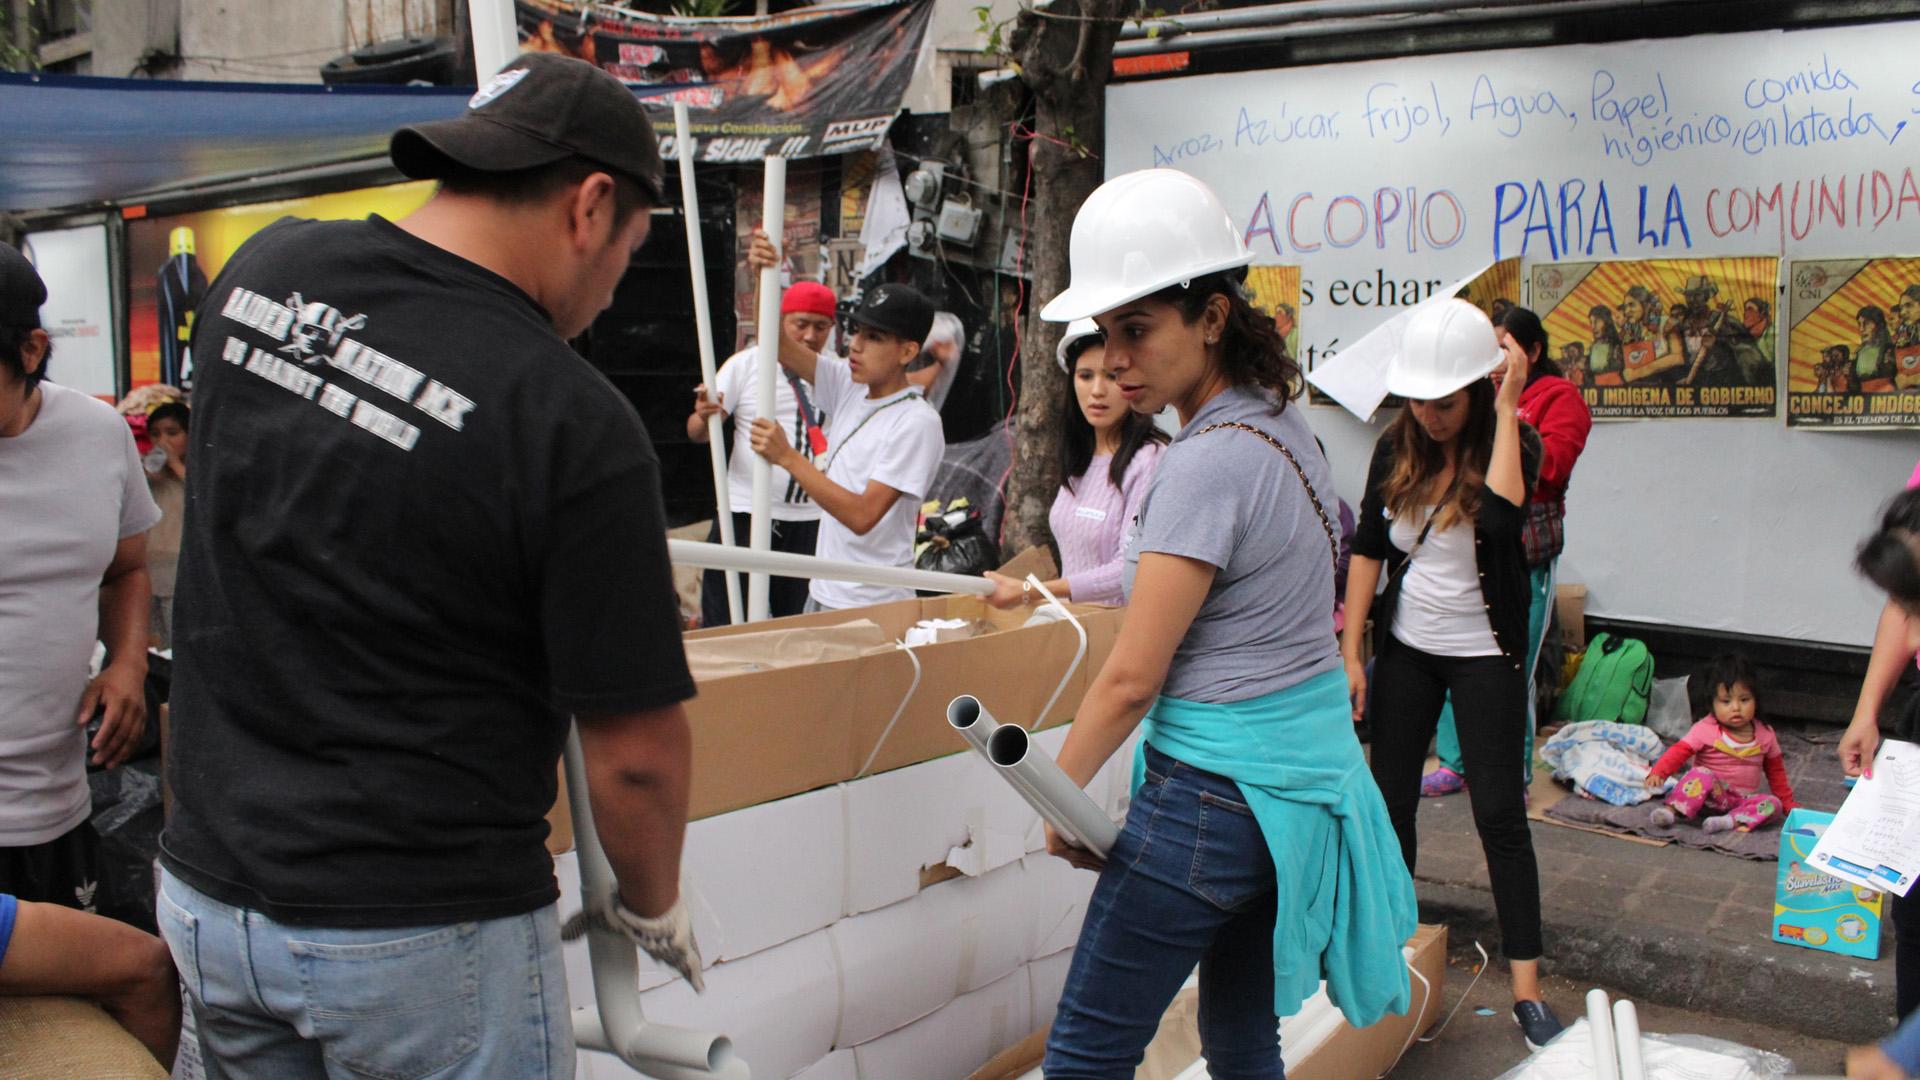 An vielen Stellen können sich die Mexikaner mit dem Nötigsten wie Wasser und Nahrung versorgen